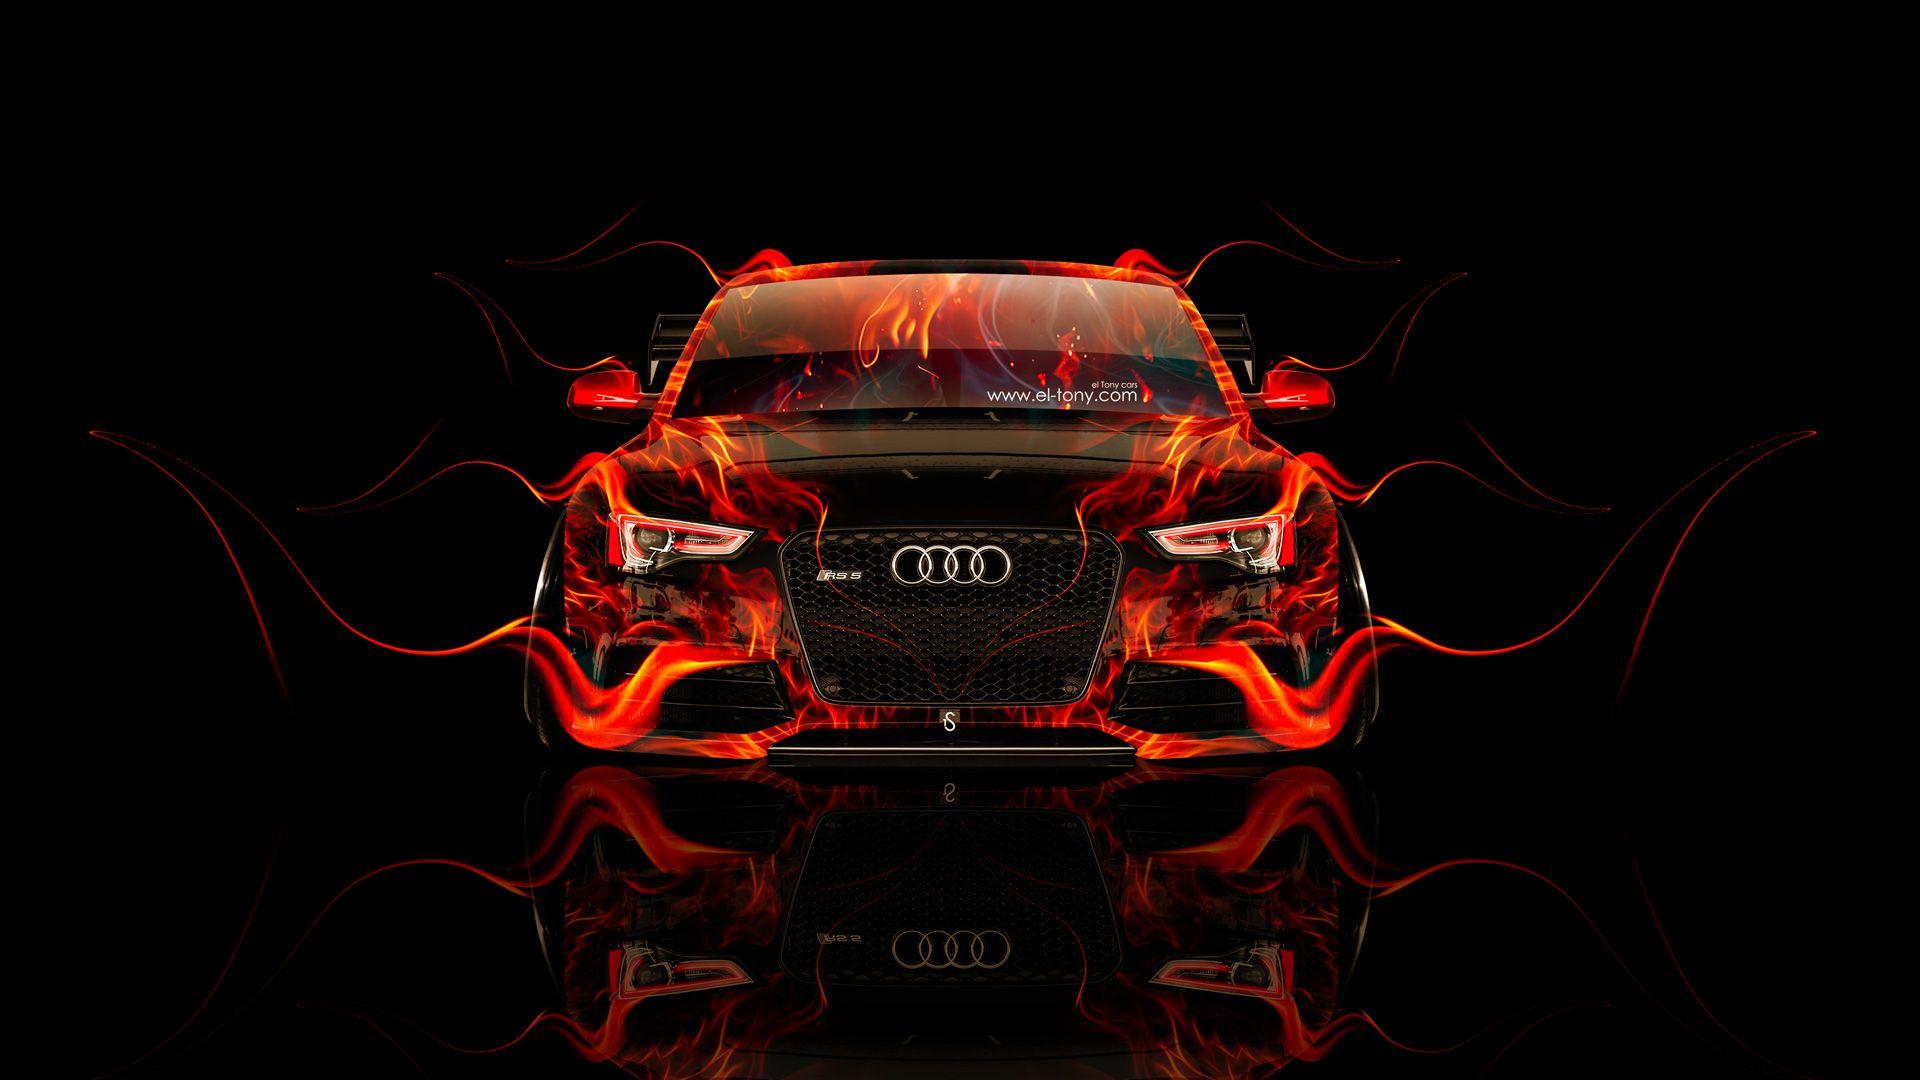 Audi Rs5 Wallpaper Iphone 5 Screensaver Iphone Audi Rs5 Wallpaper Audi